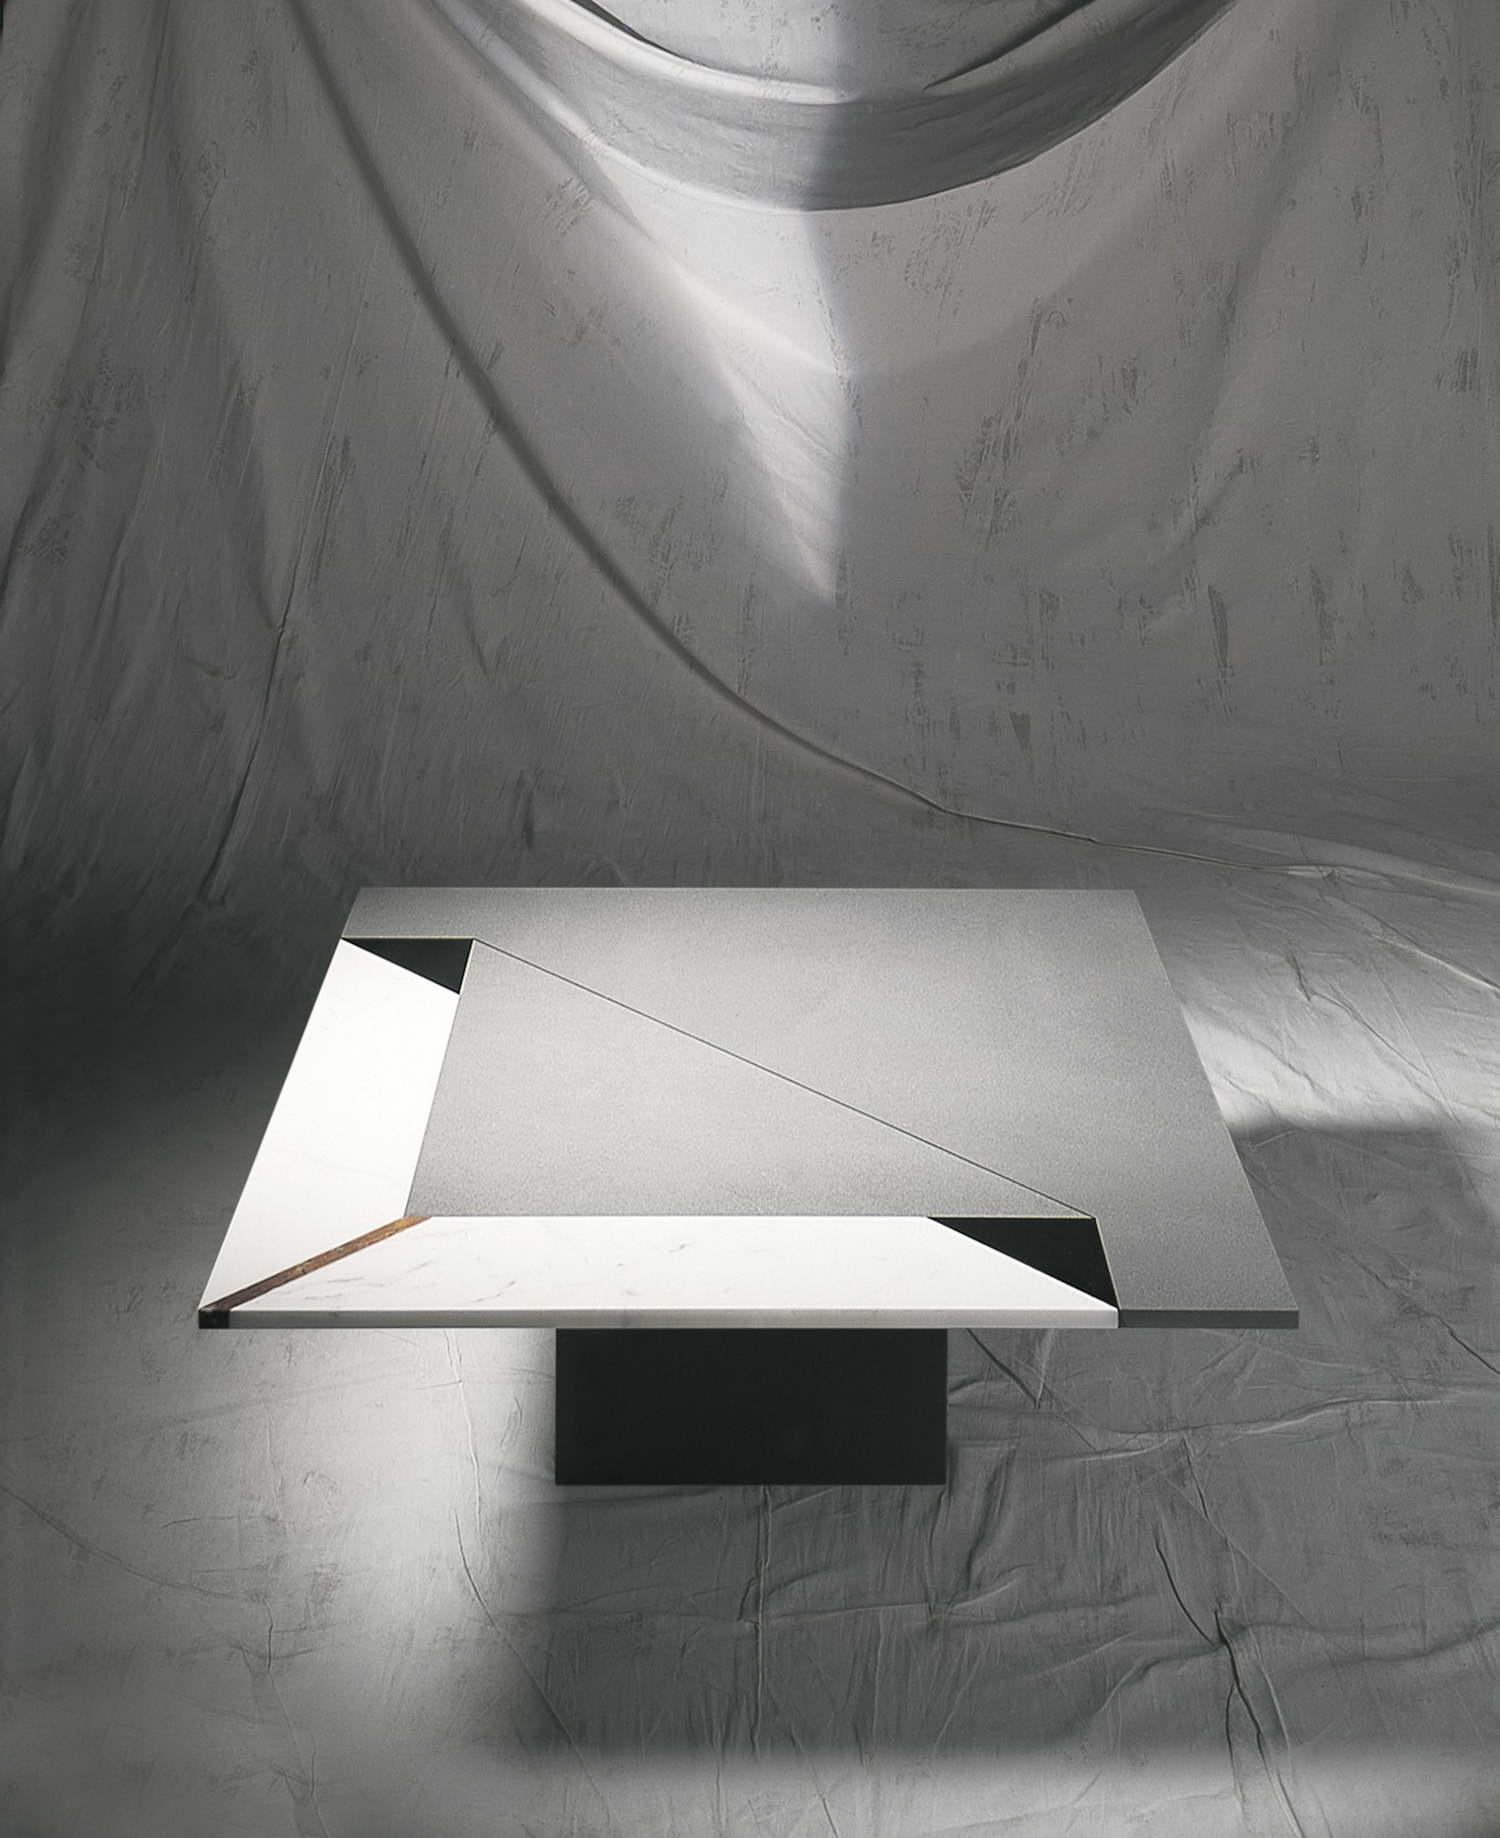 Tavoli in marmo_Intarsia Fold_R. Littel_art. 186